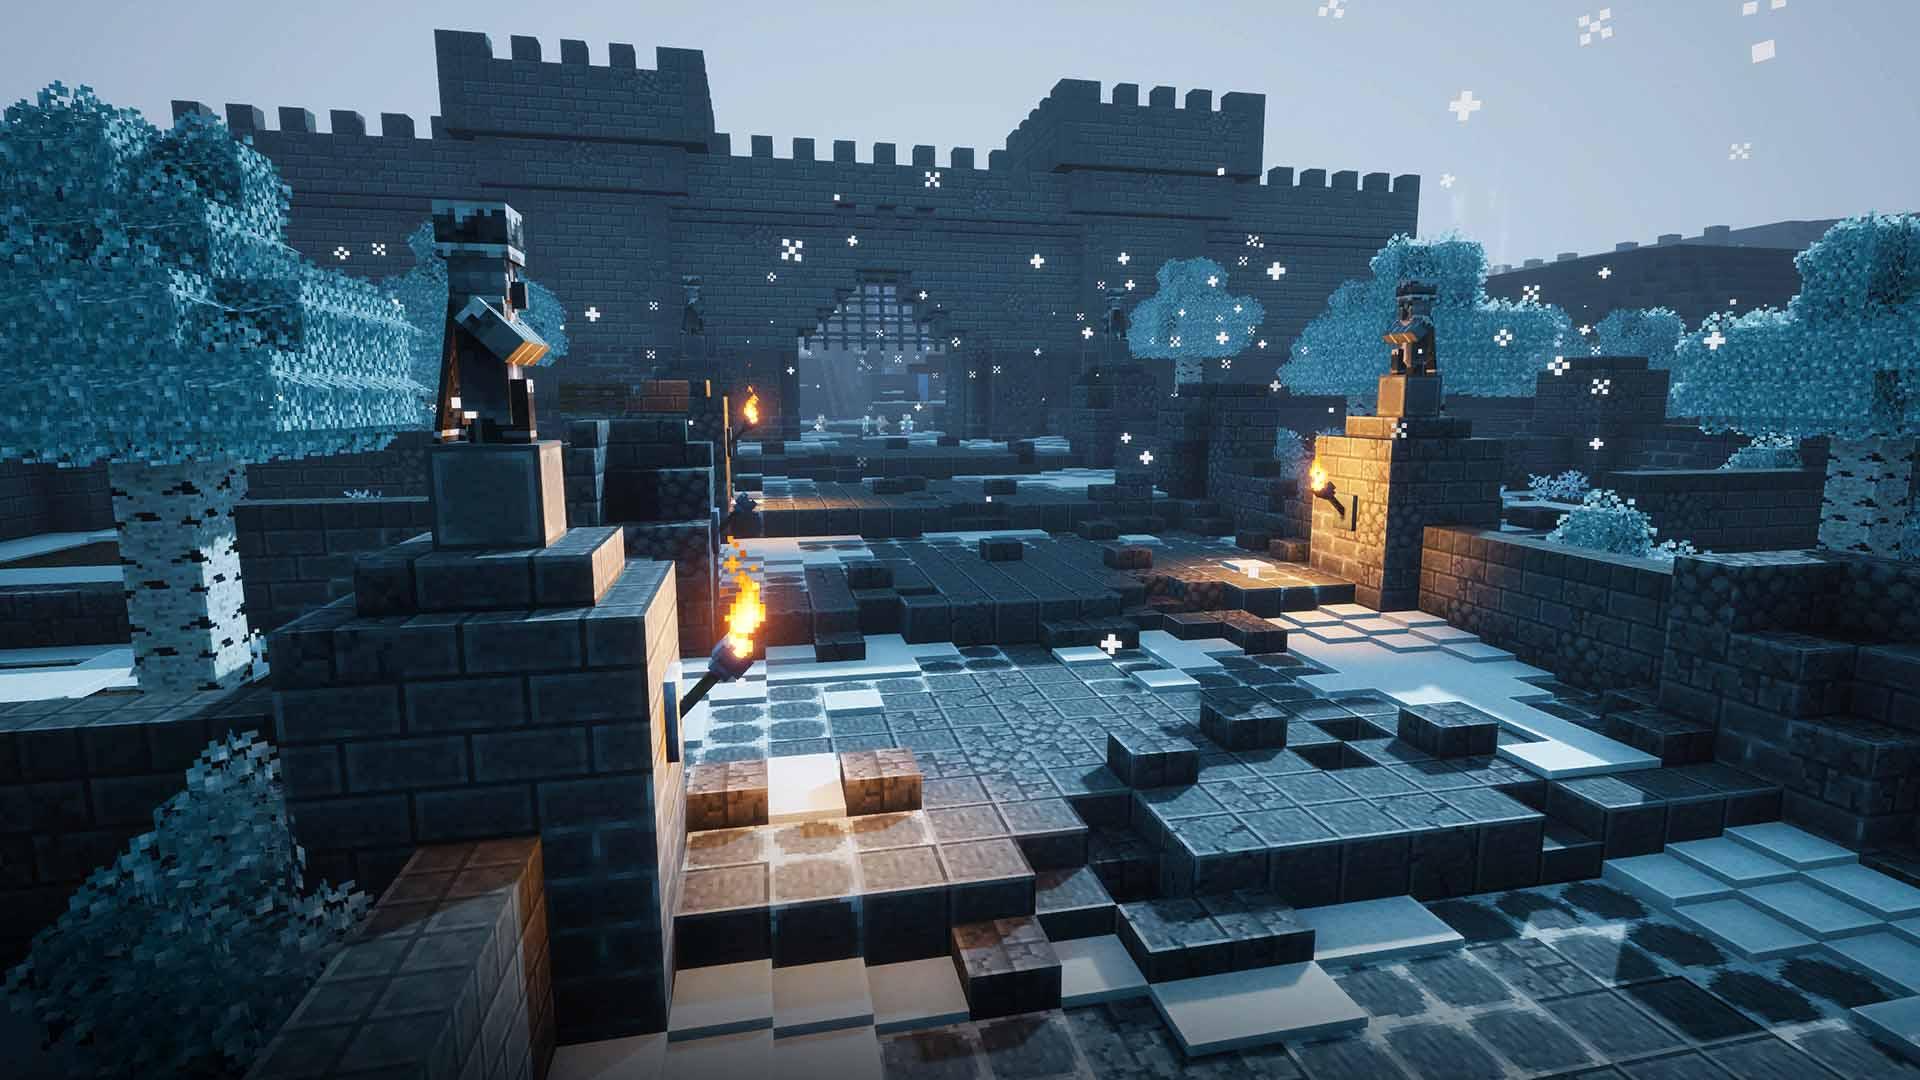 Filtran nuevas imágenes desvelando los mapas de los DLC de Minecraft Dungeons 2